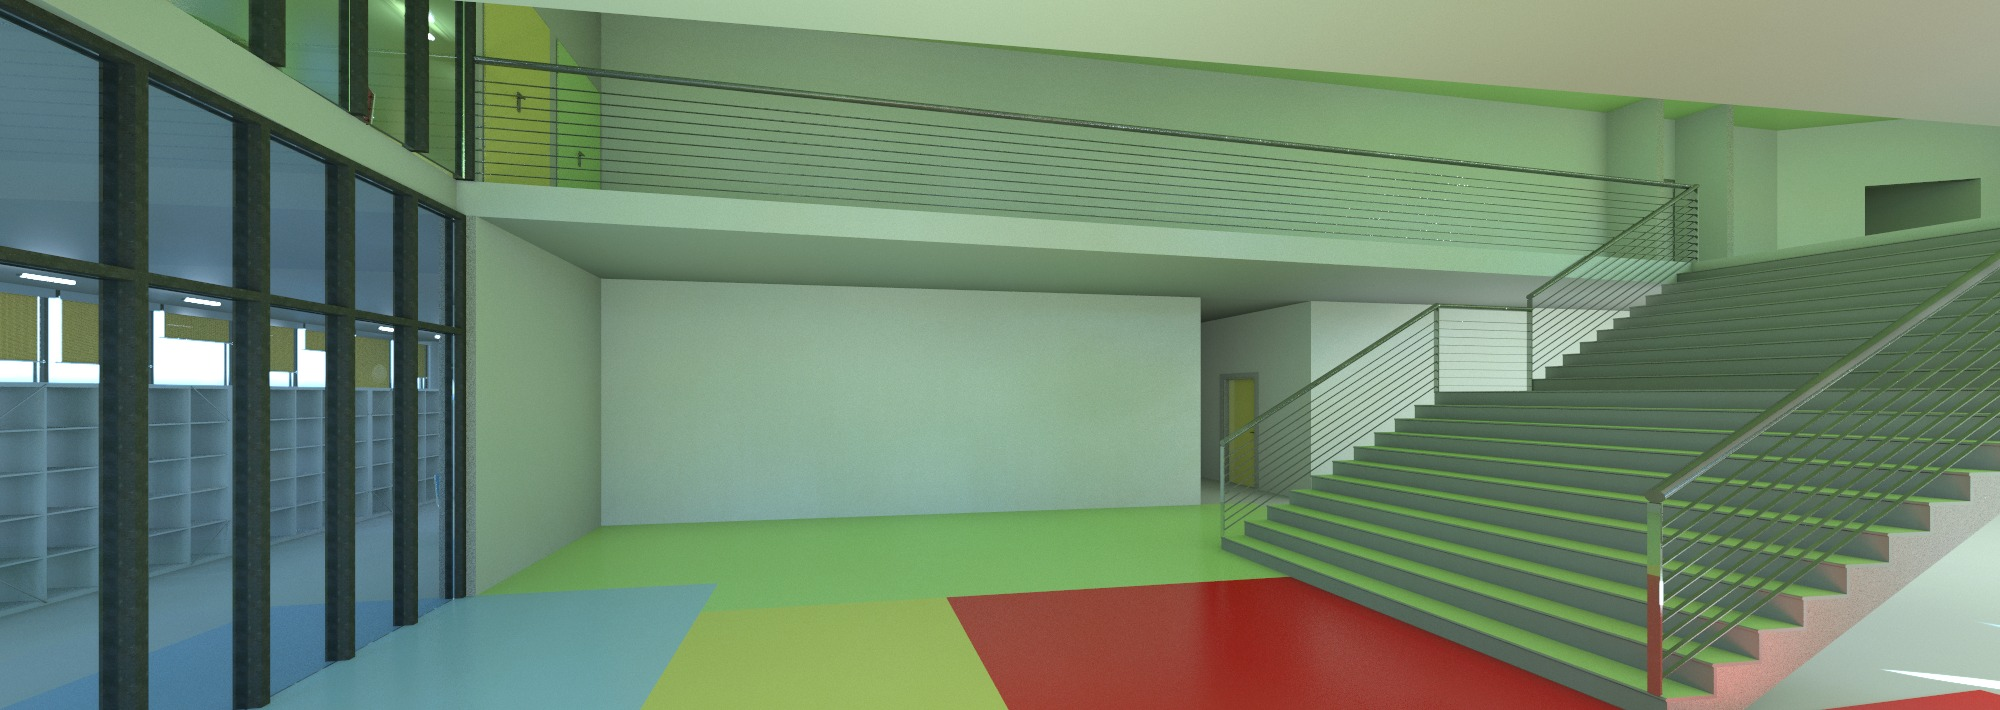 Raas-rendering20150112-29901-1ua3b9j